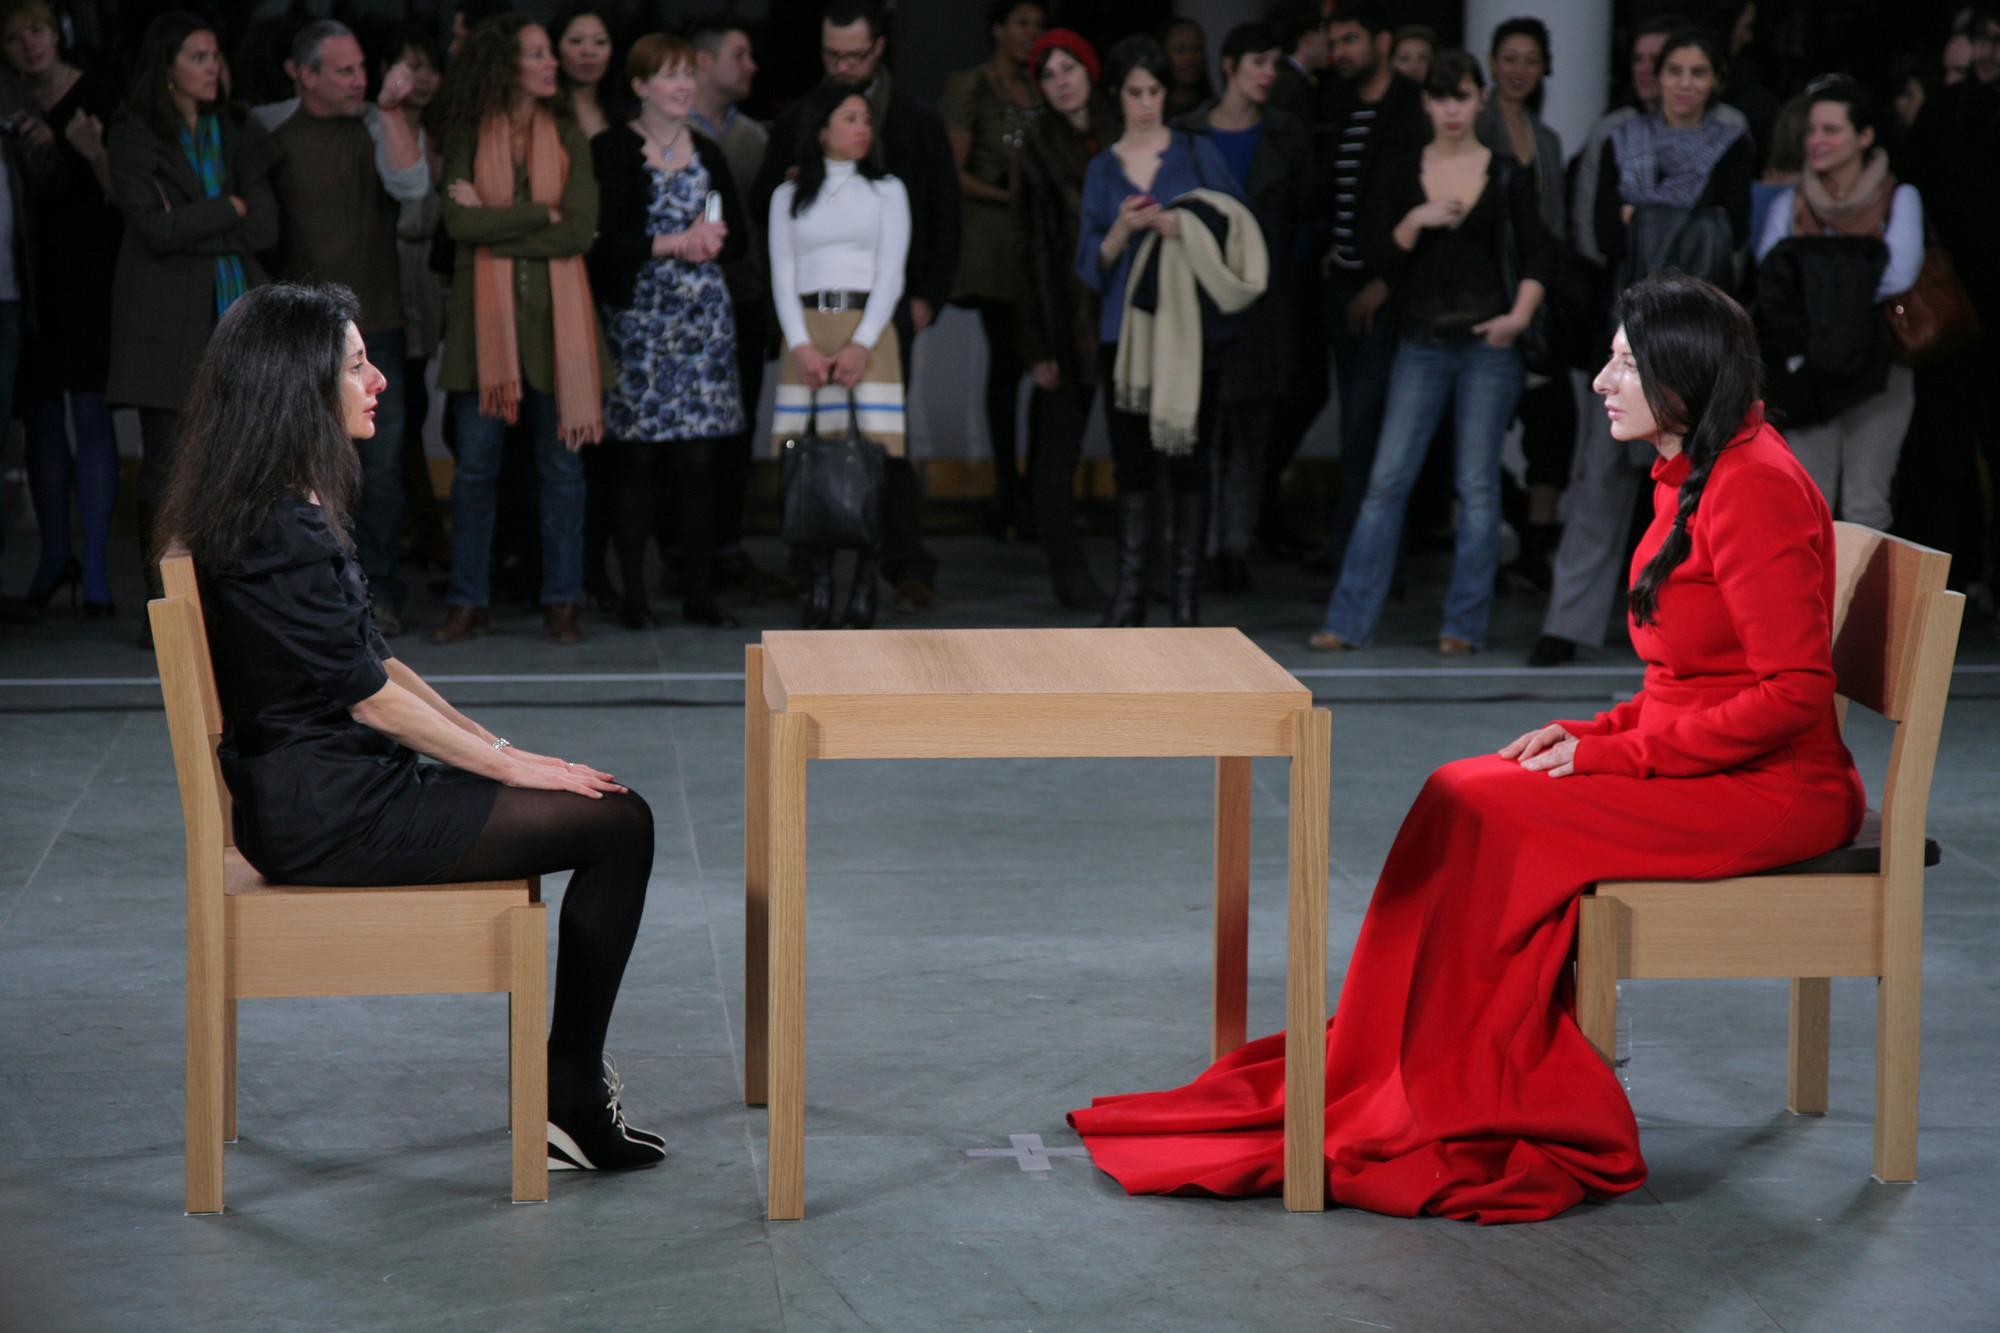 Марина Абрамович, перформанс «В присутствии художника», Нью-Йоркский музей современного искусства, 2010 г.